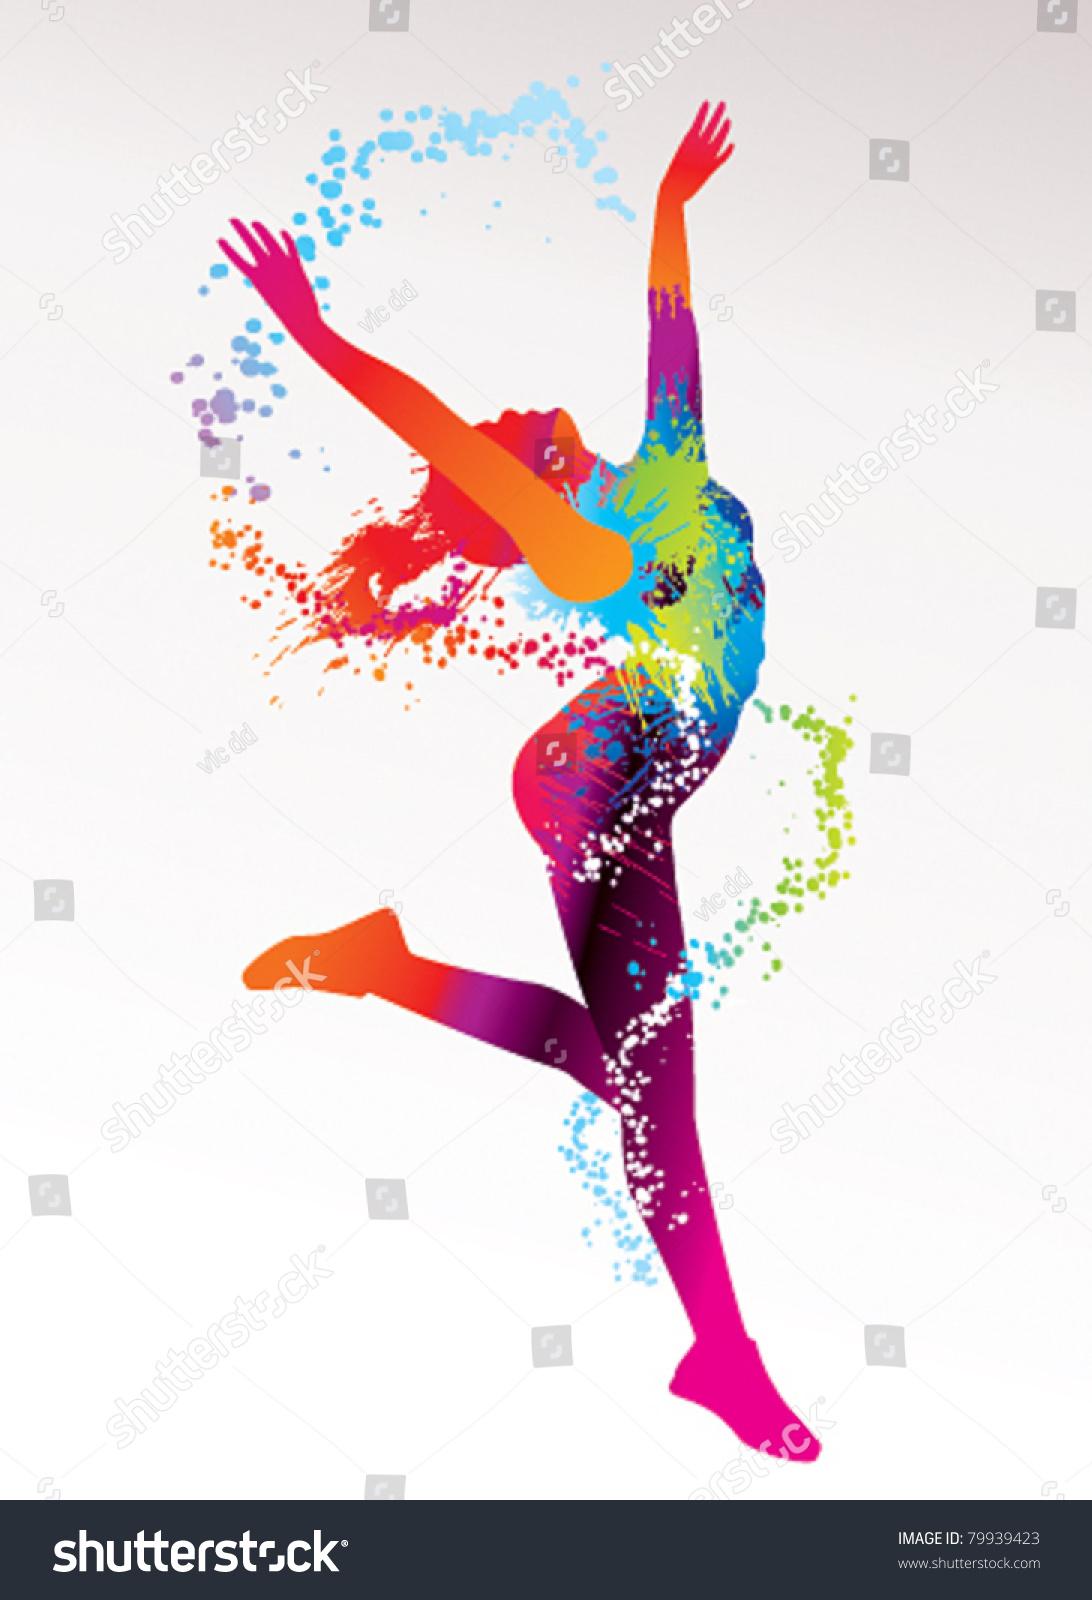 Culture Music TV amp radio books film art dance